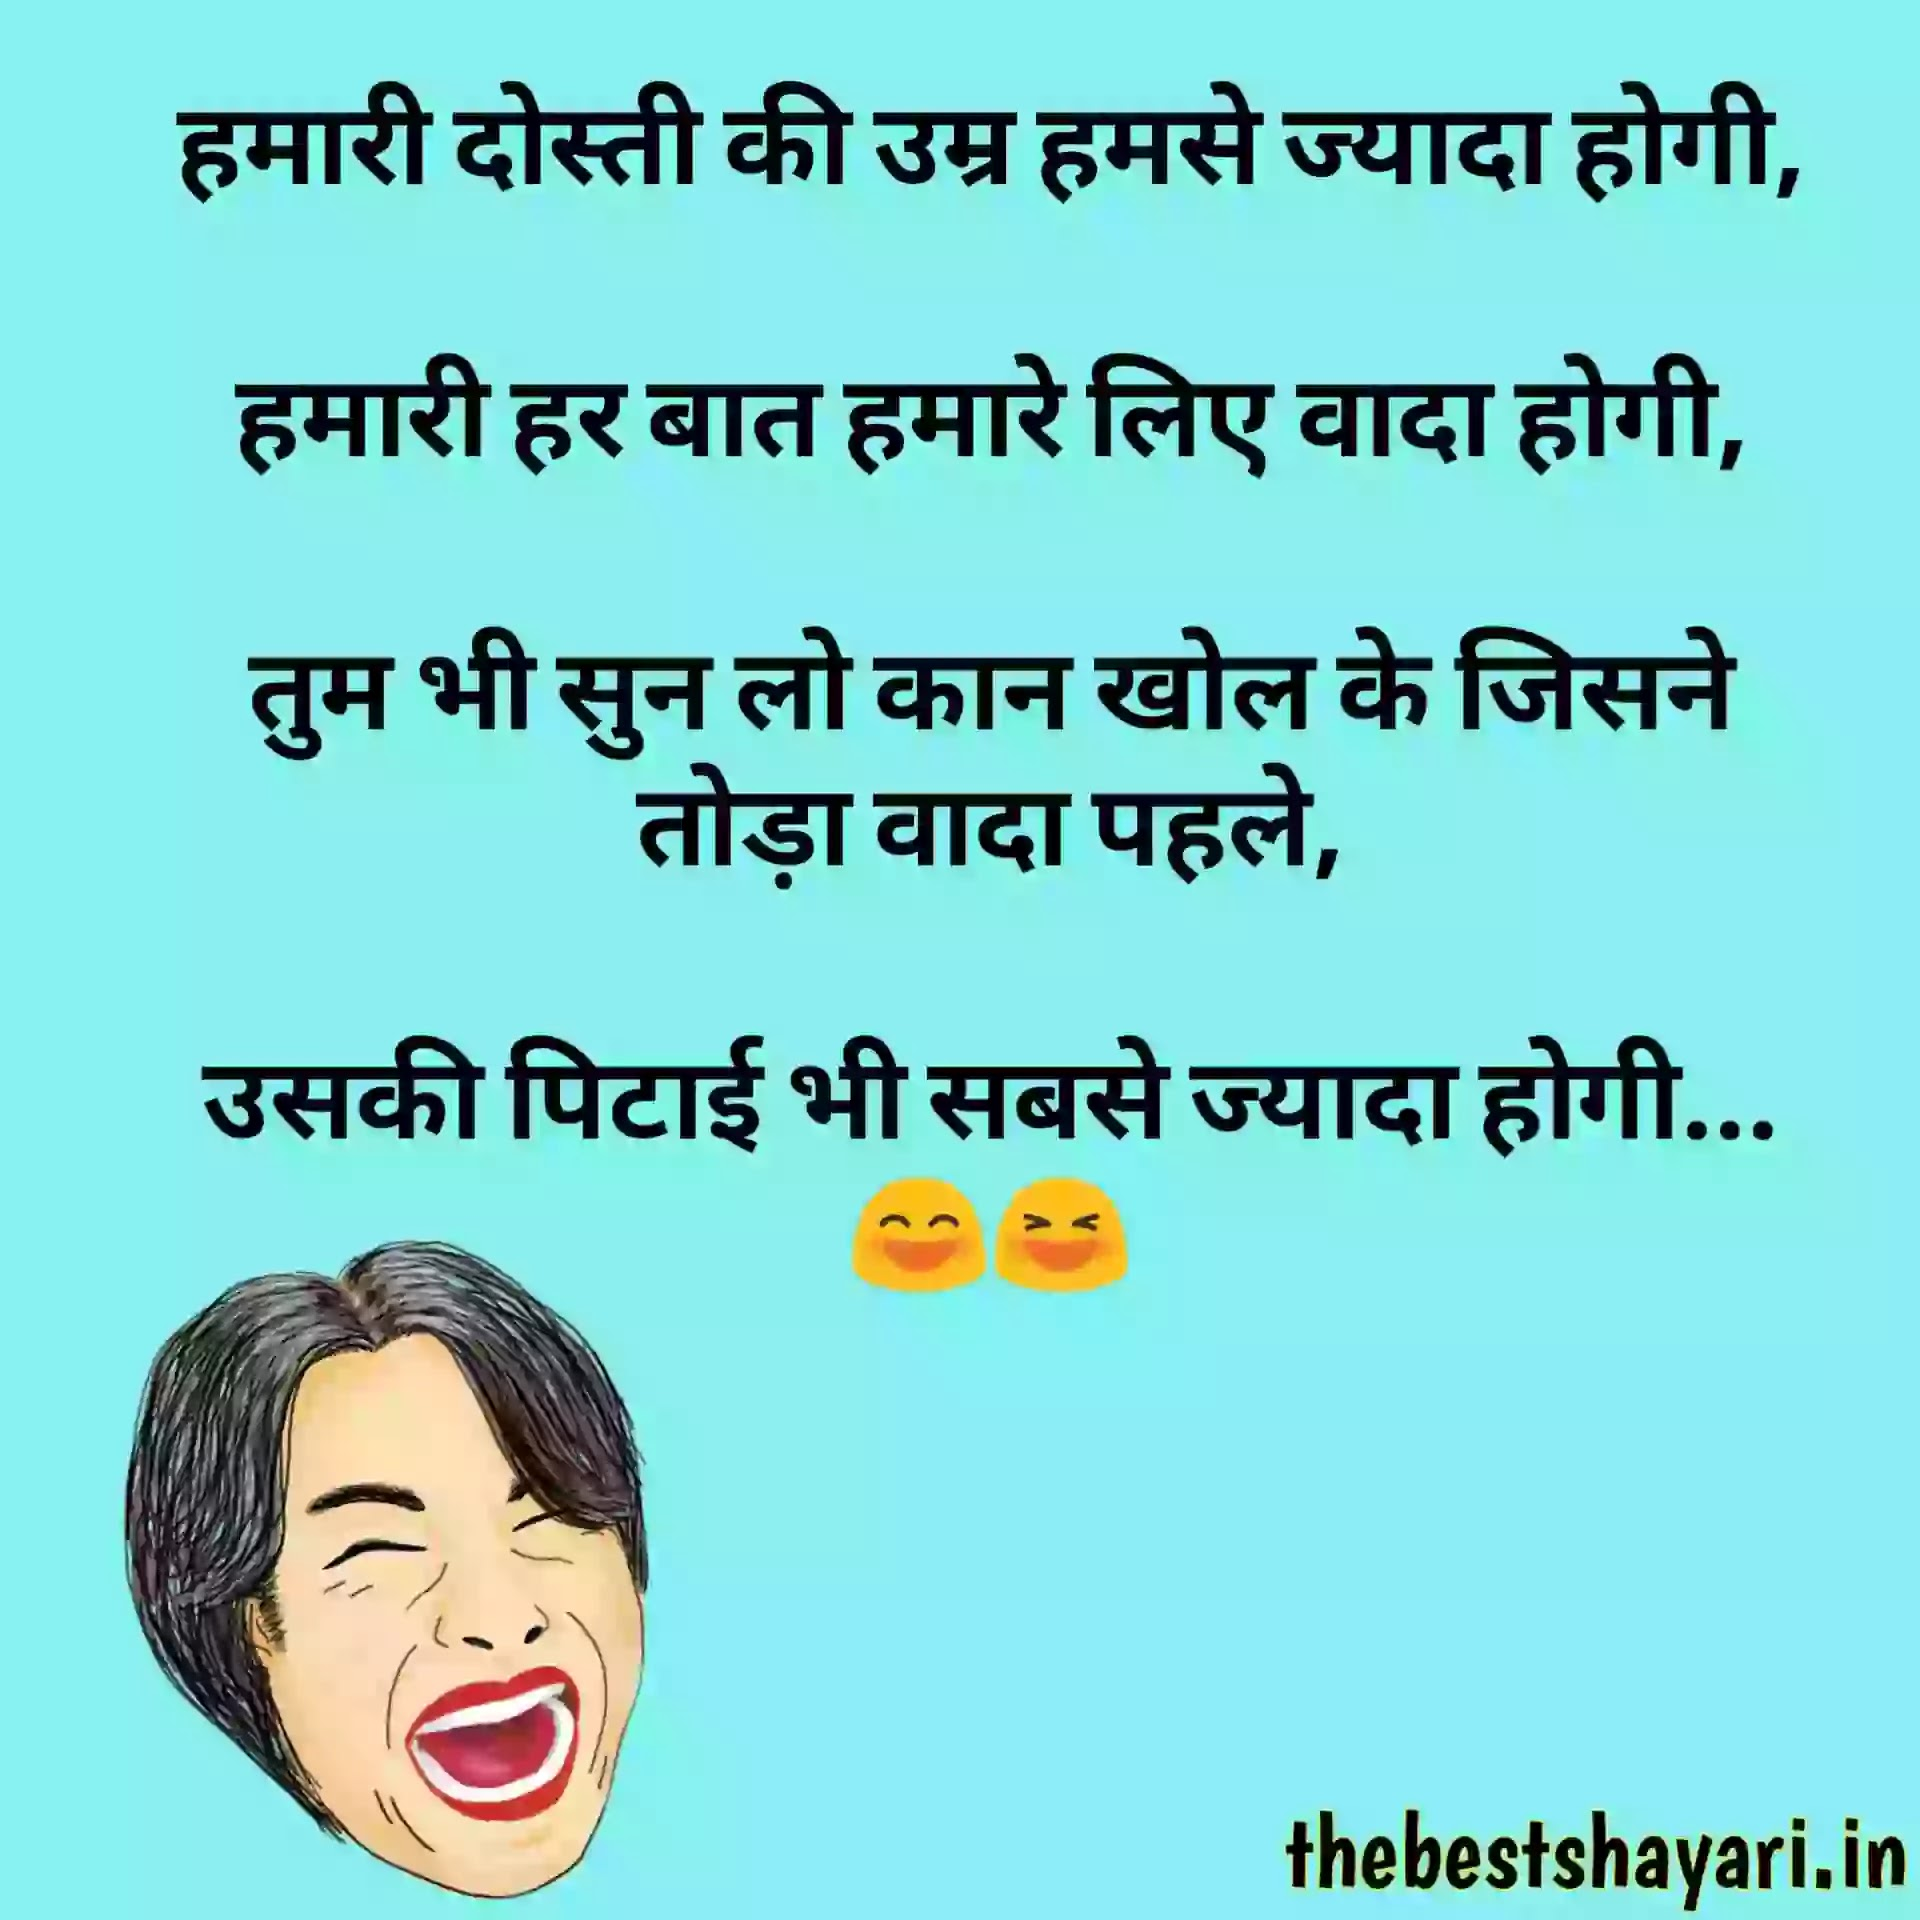 Funny shayari on dosti in Hindi